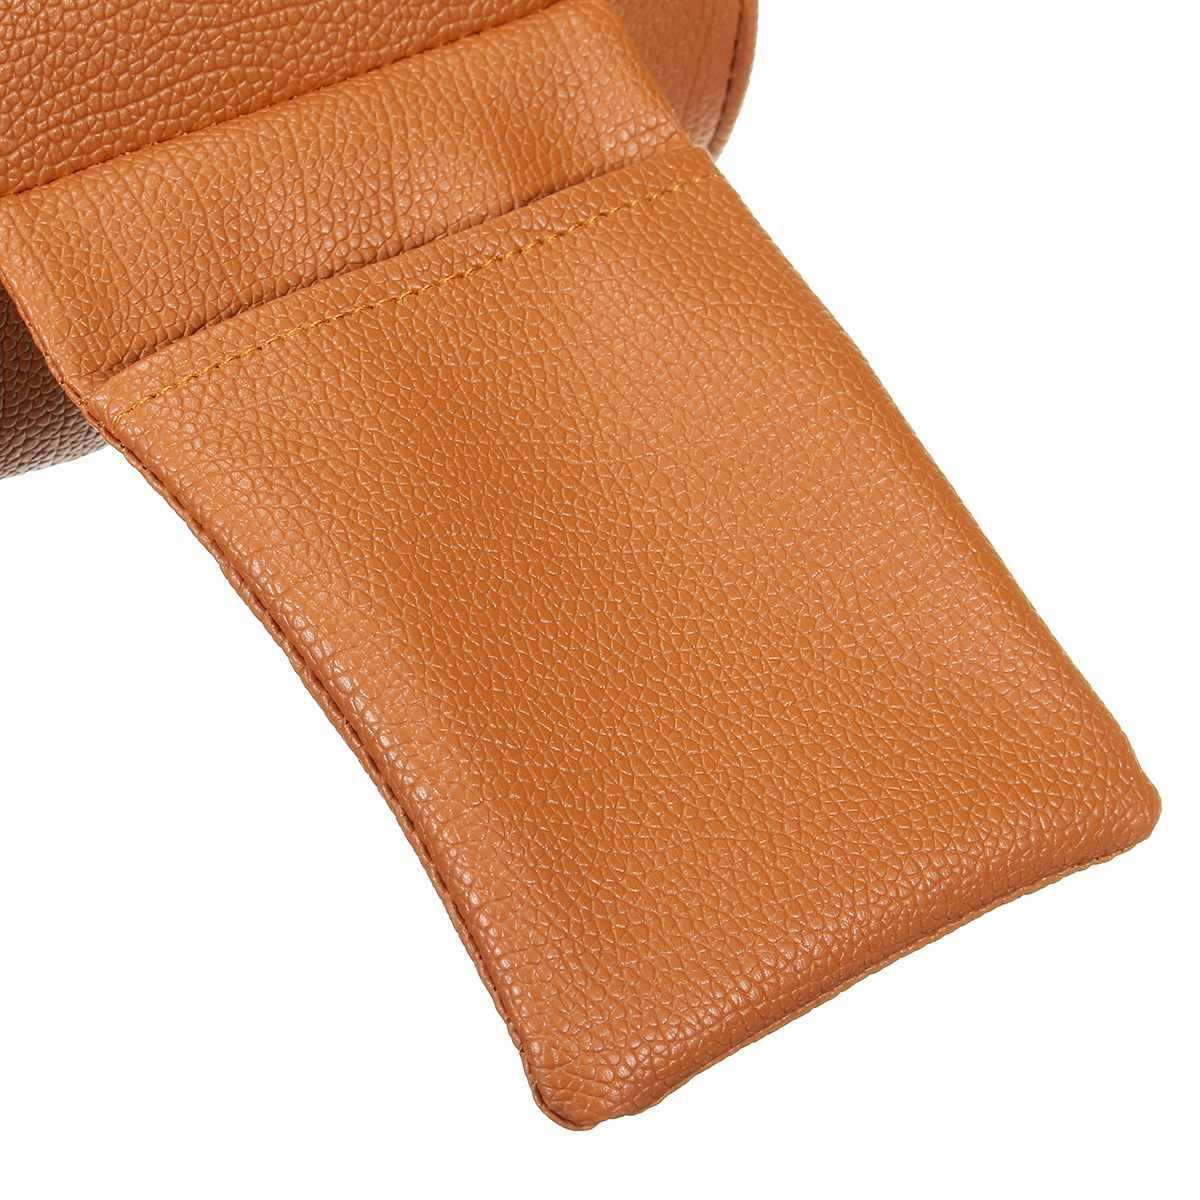 PU deri araba kol dayama Pad evrensel otomatik kol dayama kapakları araba oto merkezİ konsol Arm Rest koltuk kutusu pedleri koruyucu koltuk destek